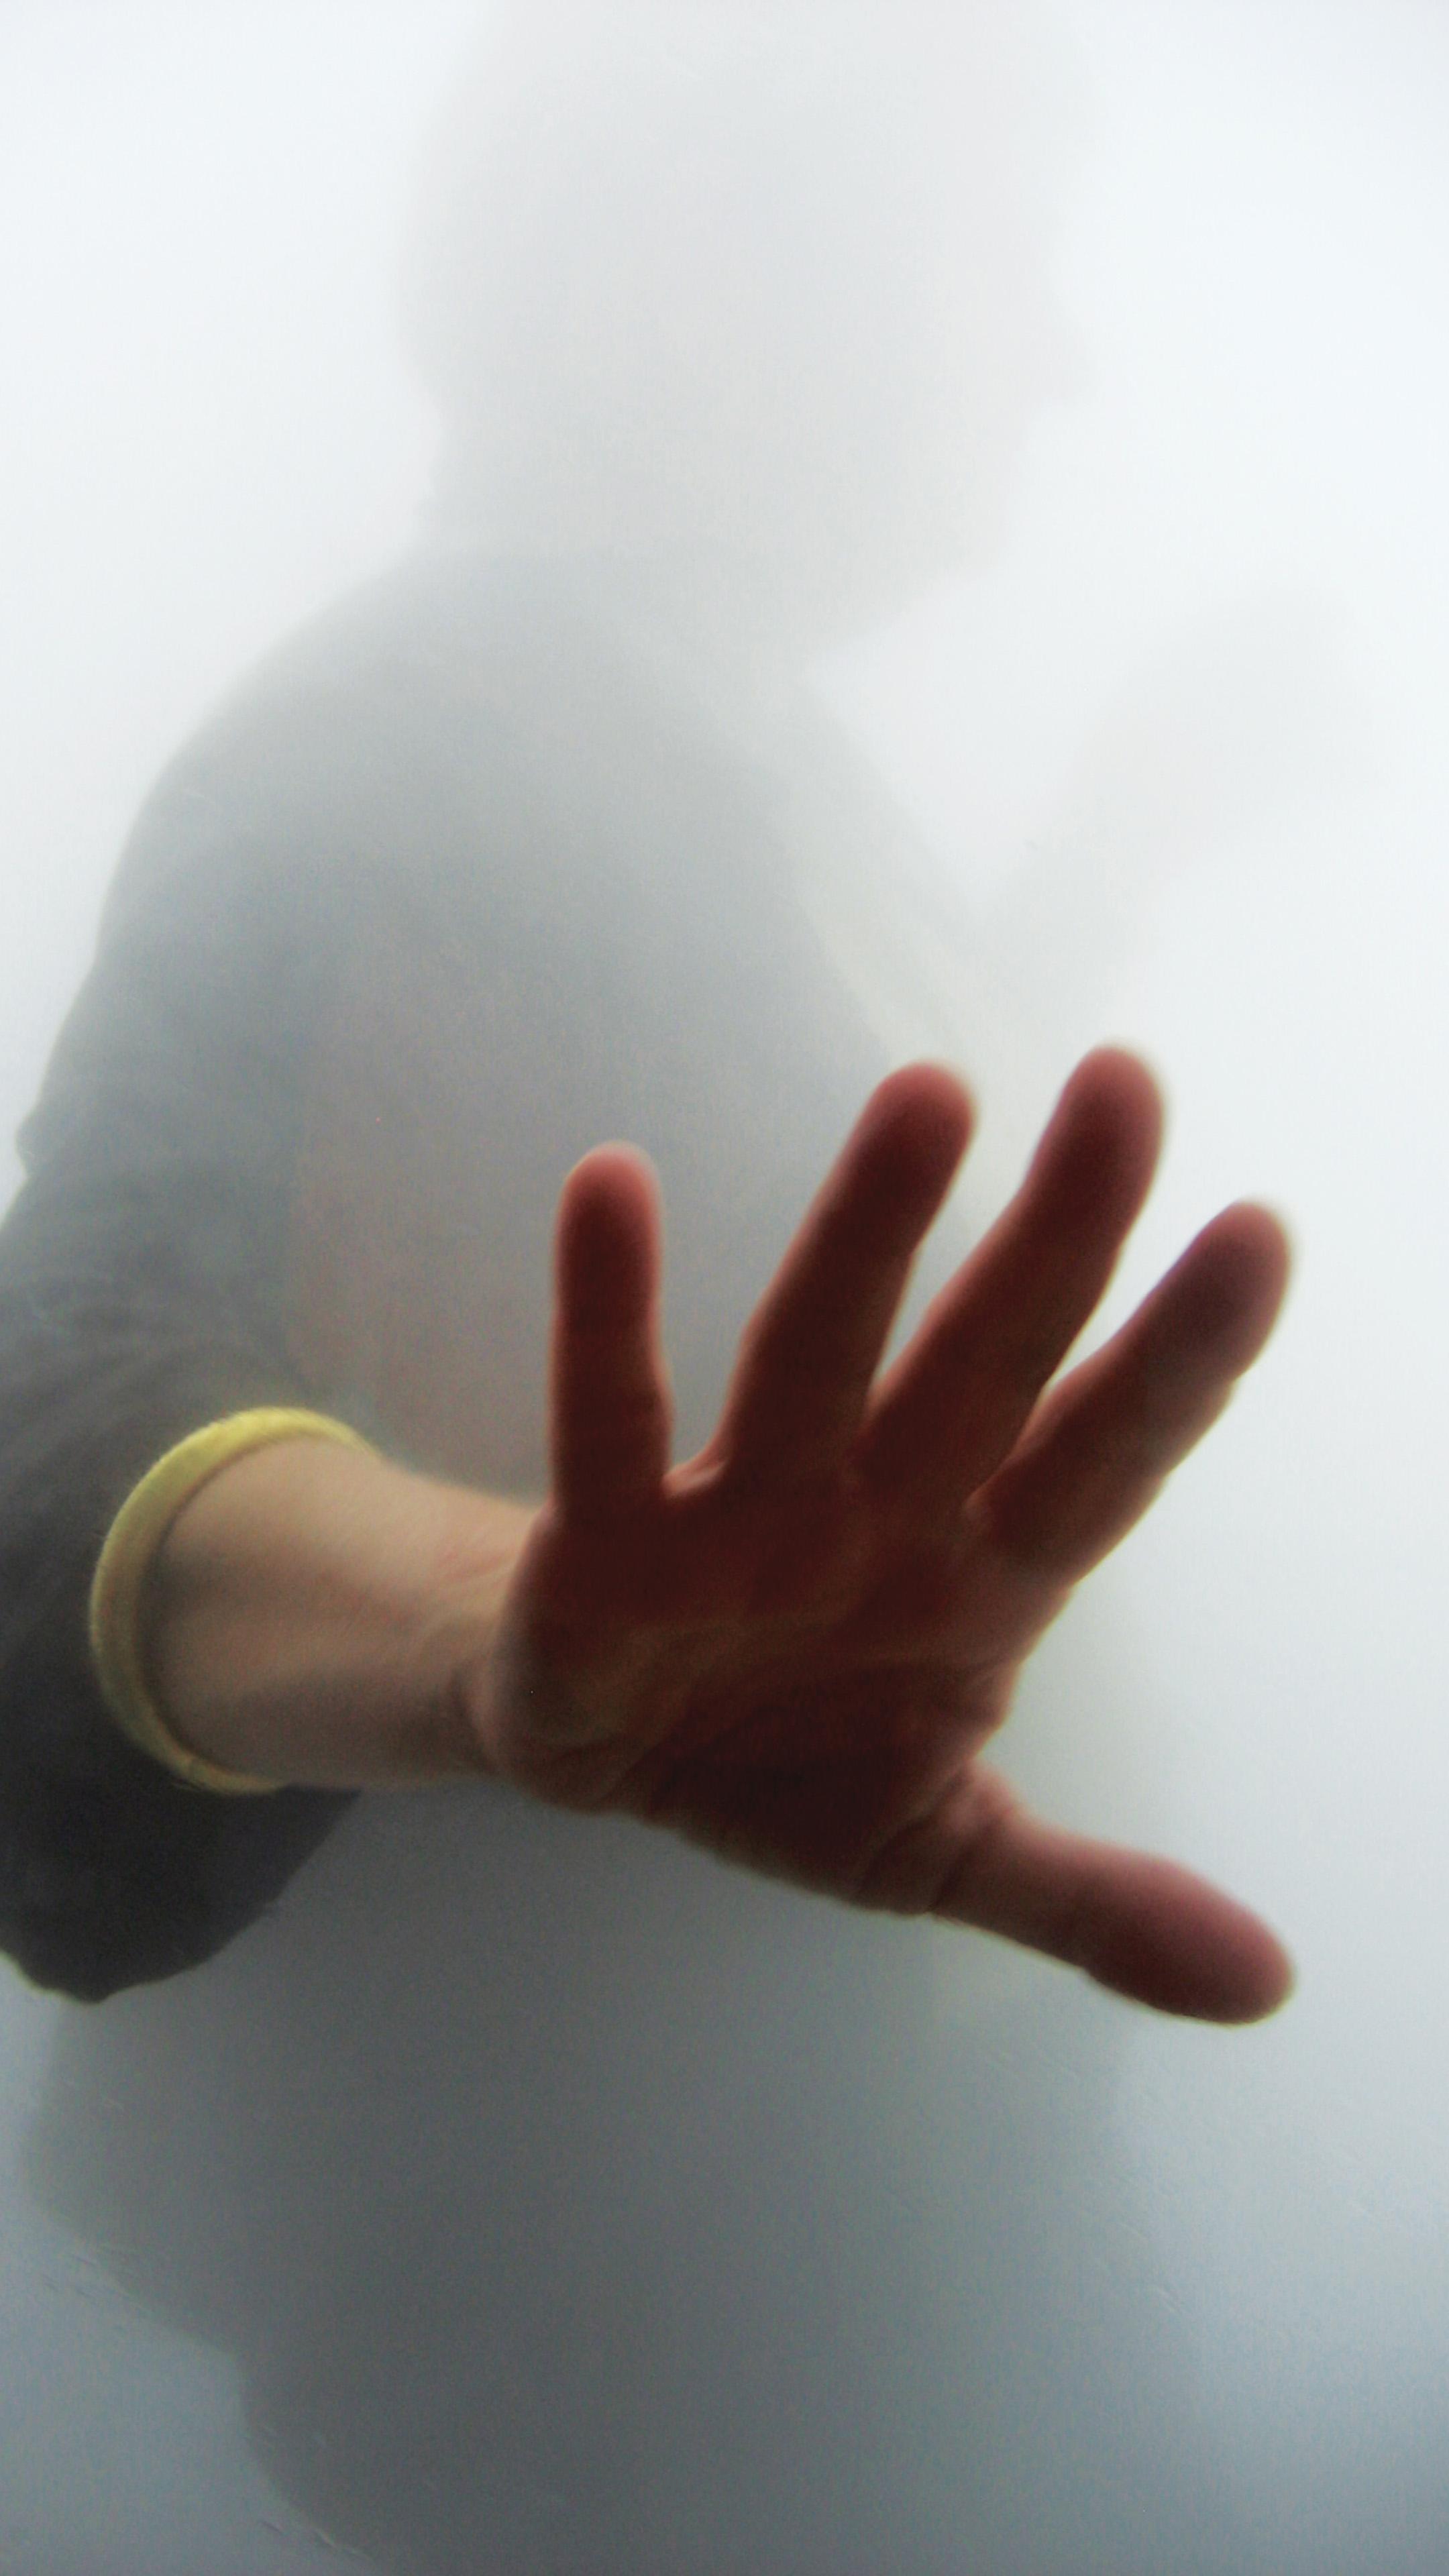 04 Hand 3